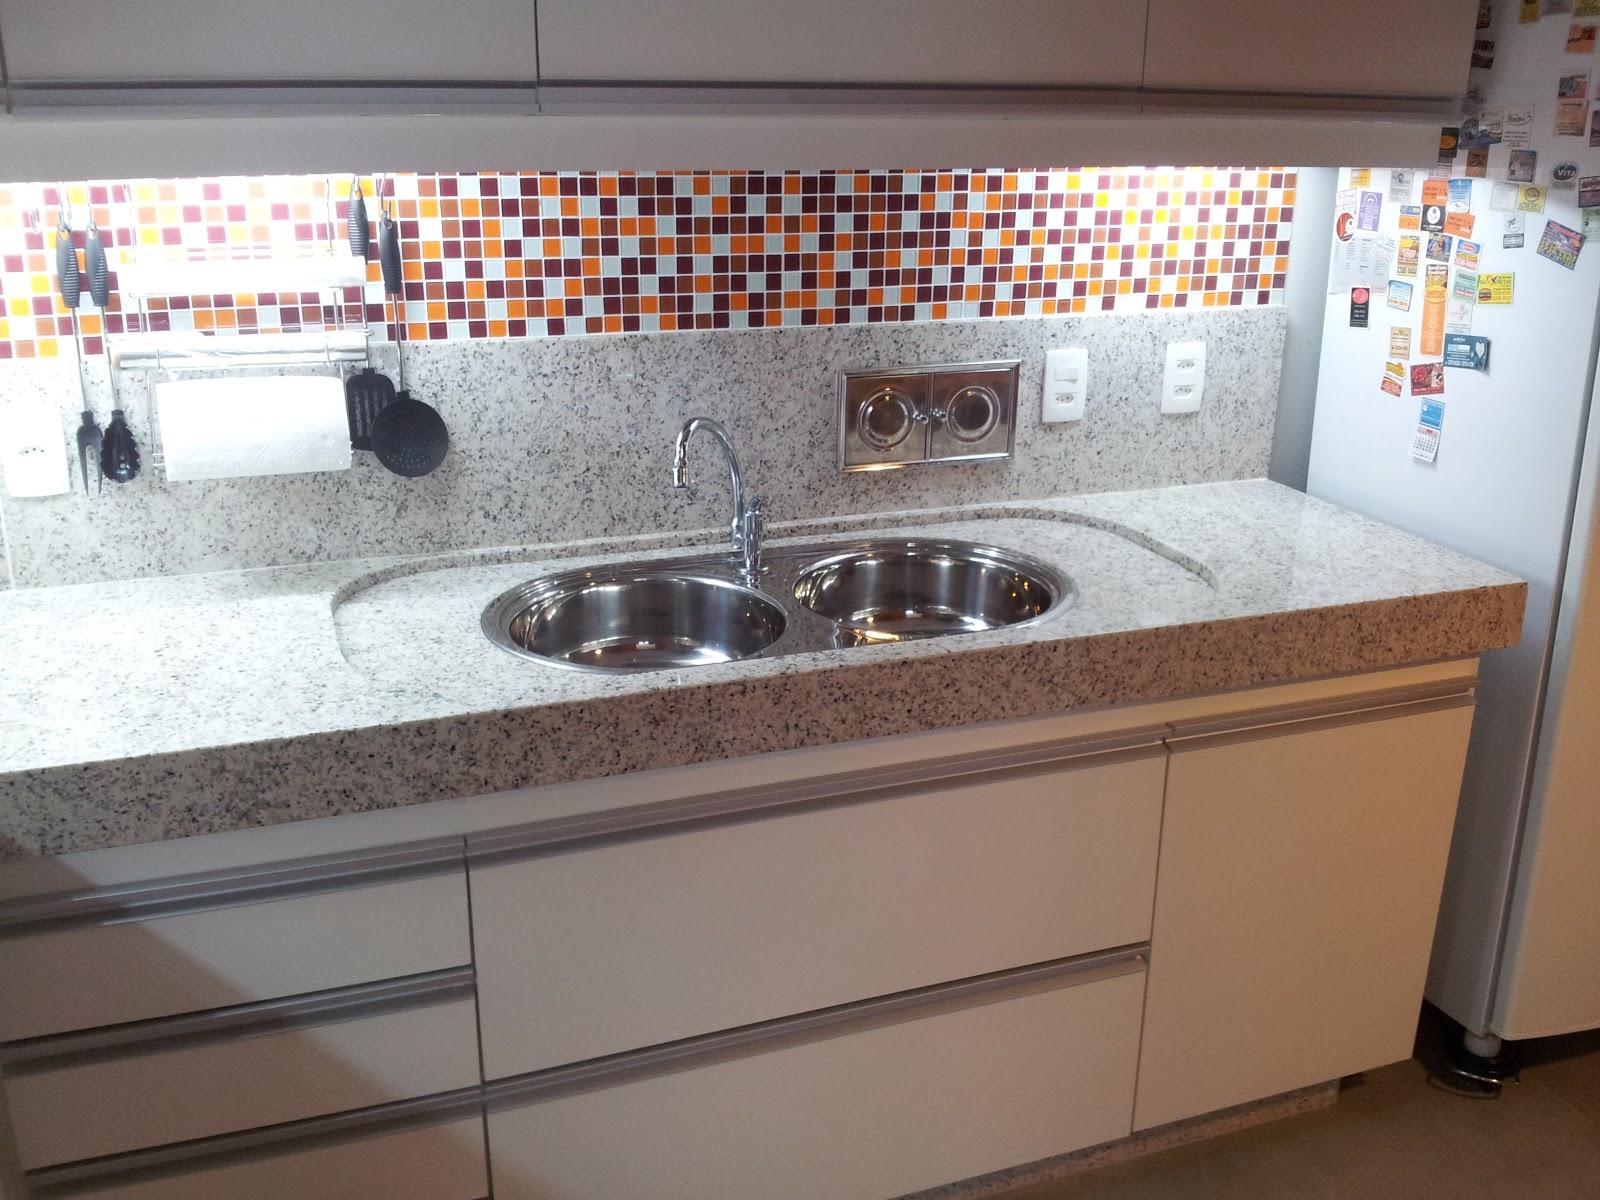 http://2.bp.blogspot.com/ ReginaSegura. arquitetura: Reforma de  #AA7621 1600x1200